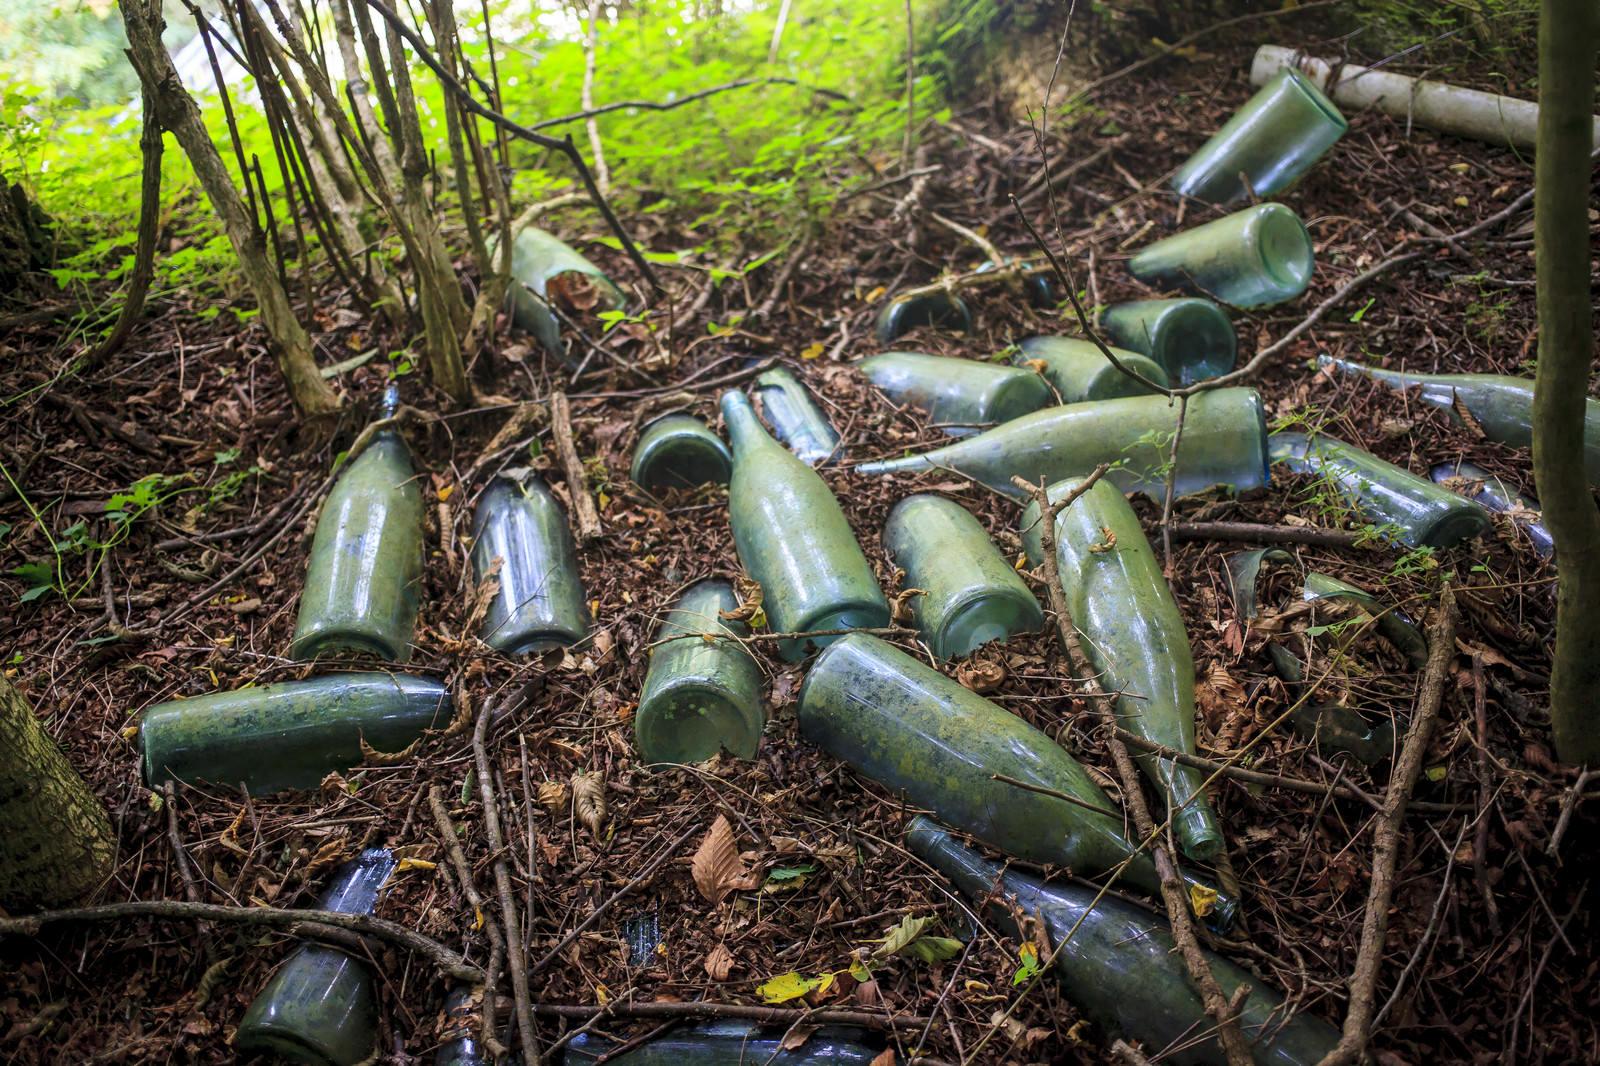 「山奥に捨てられた瓶」の写真